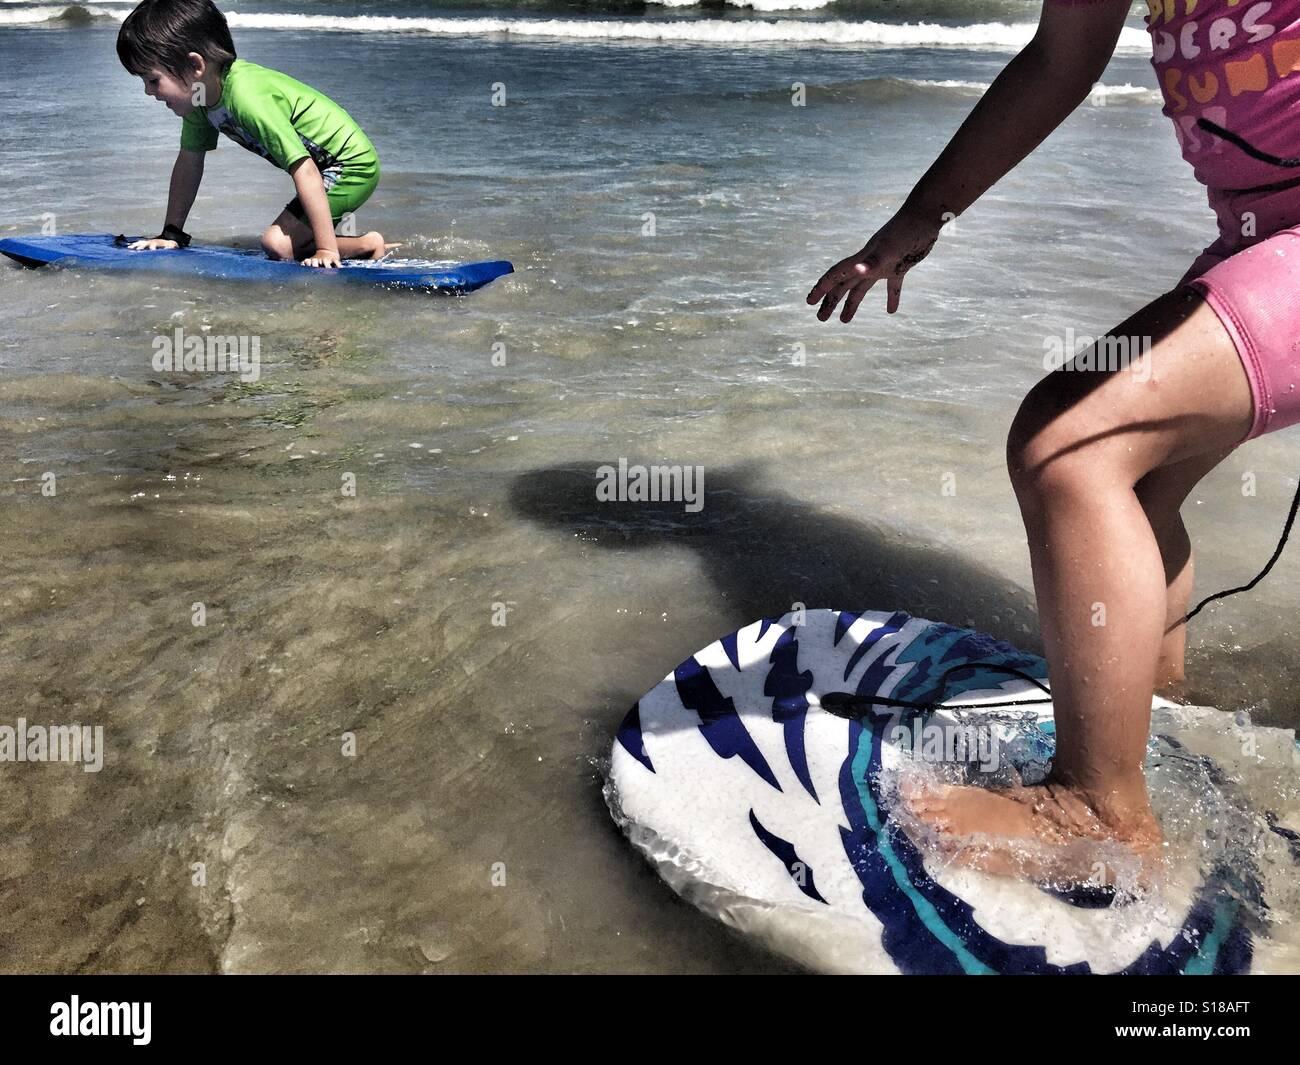 Niños jugando con boogie boards en el mar Imagen De Stock